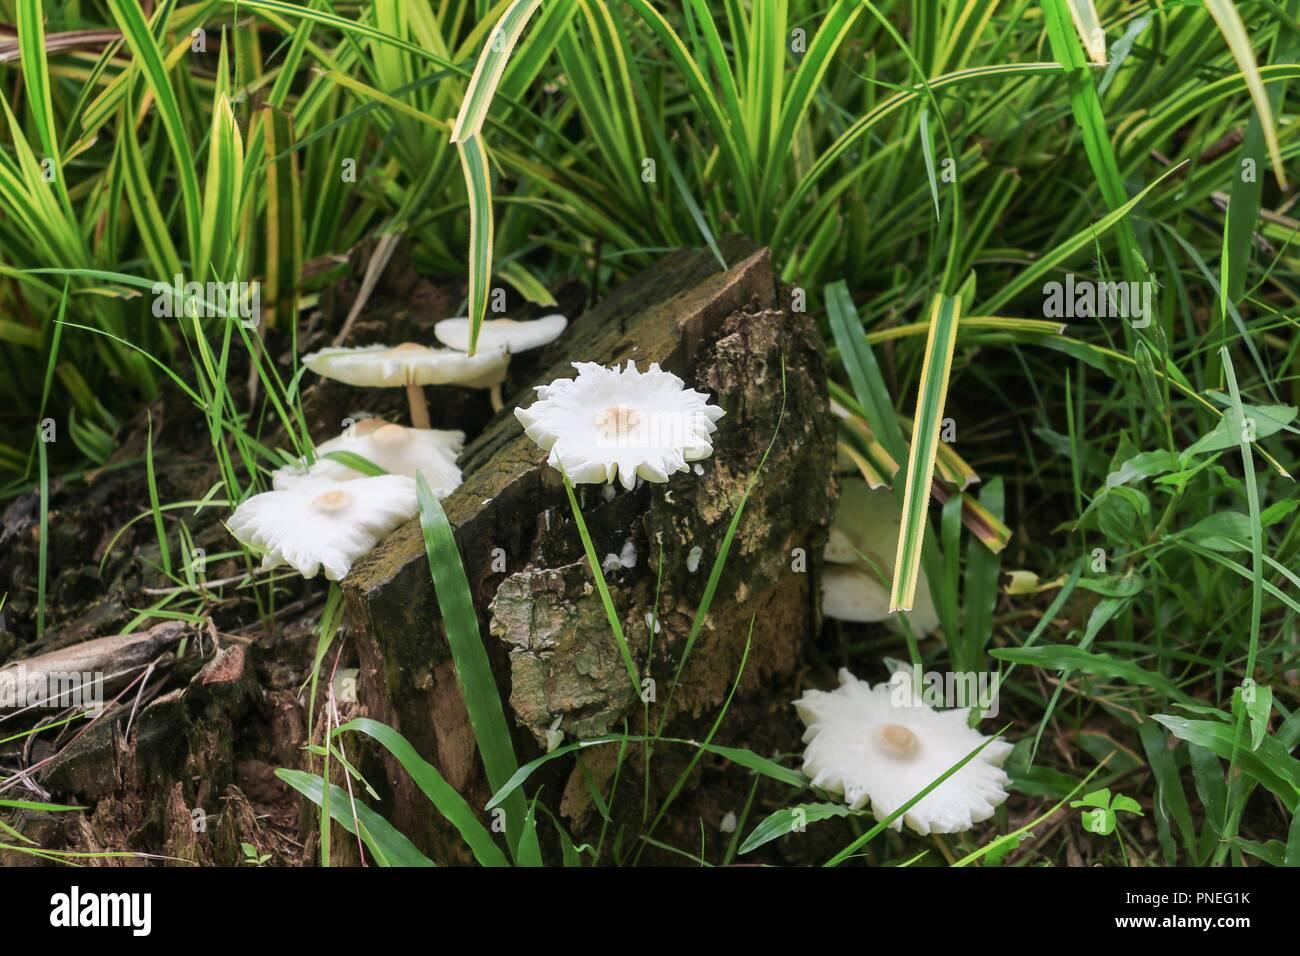 Las setas en la naturaleza hermosa en el suelo de hierba, seleccionar el enfoque con poca profundidad de campo. Foto de stock